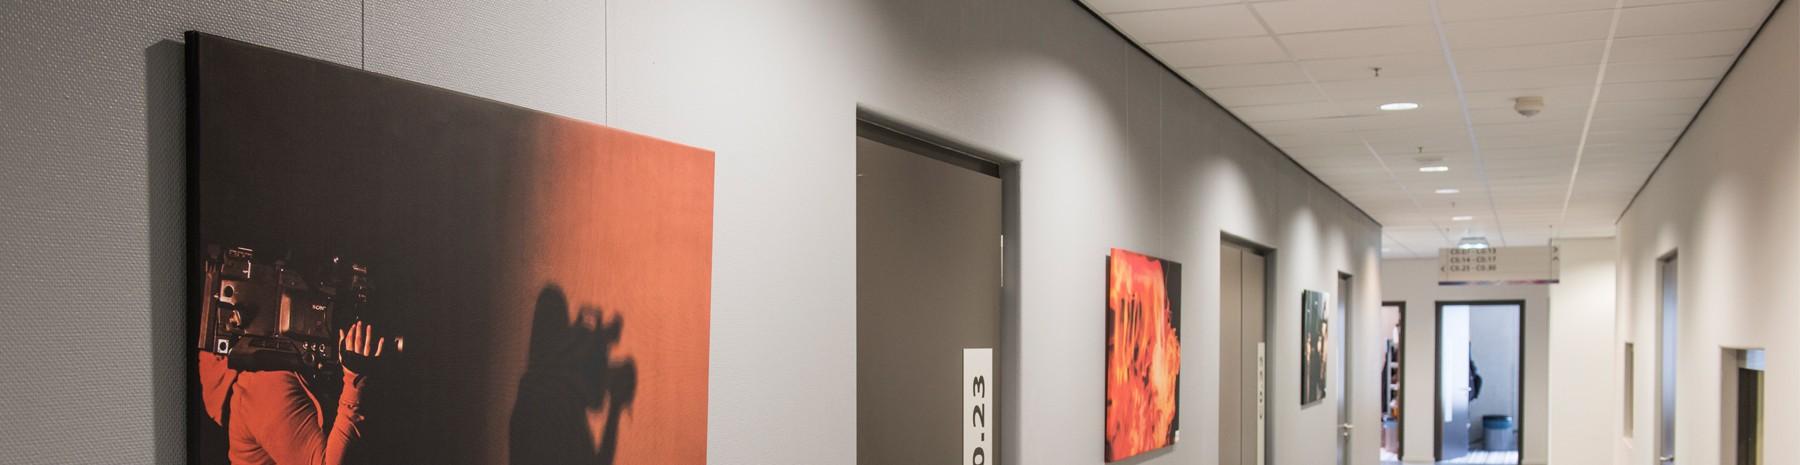 Cimaise J-rail, un système d'affichage modulable pour vos tableaux